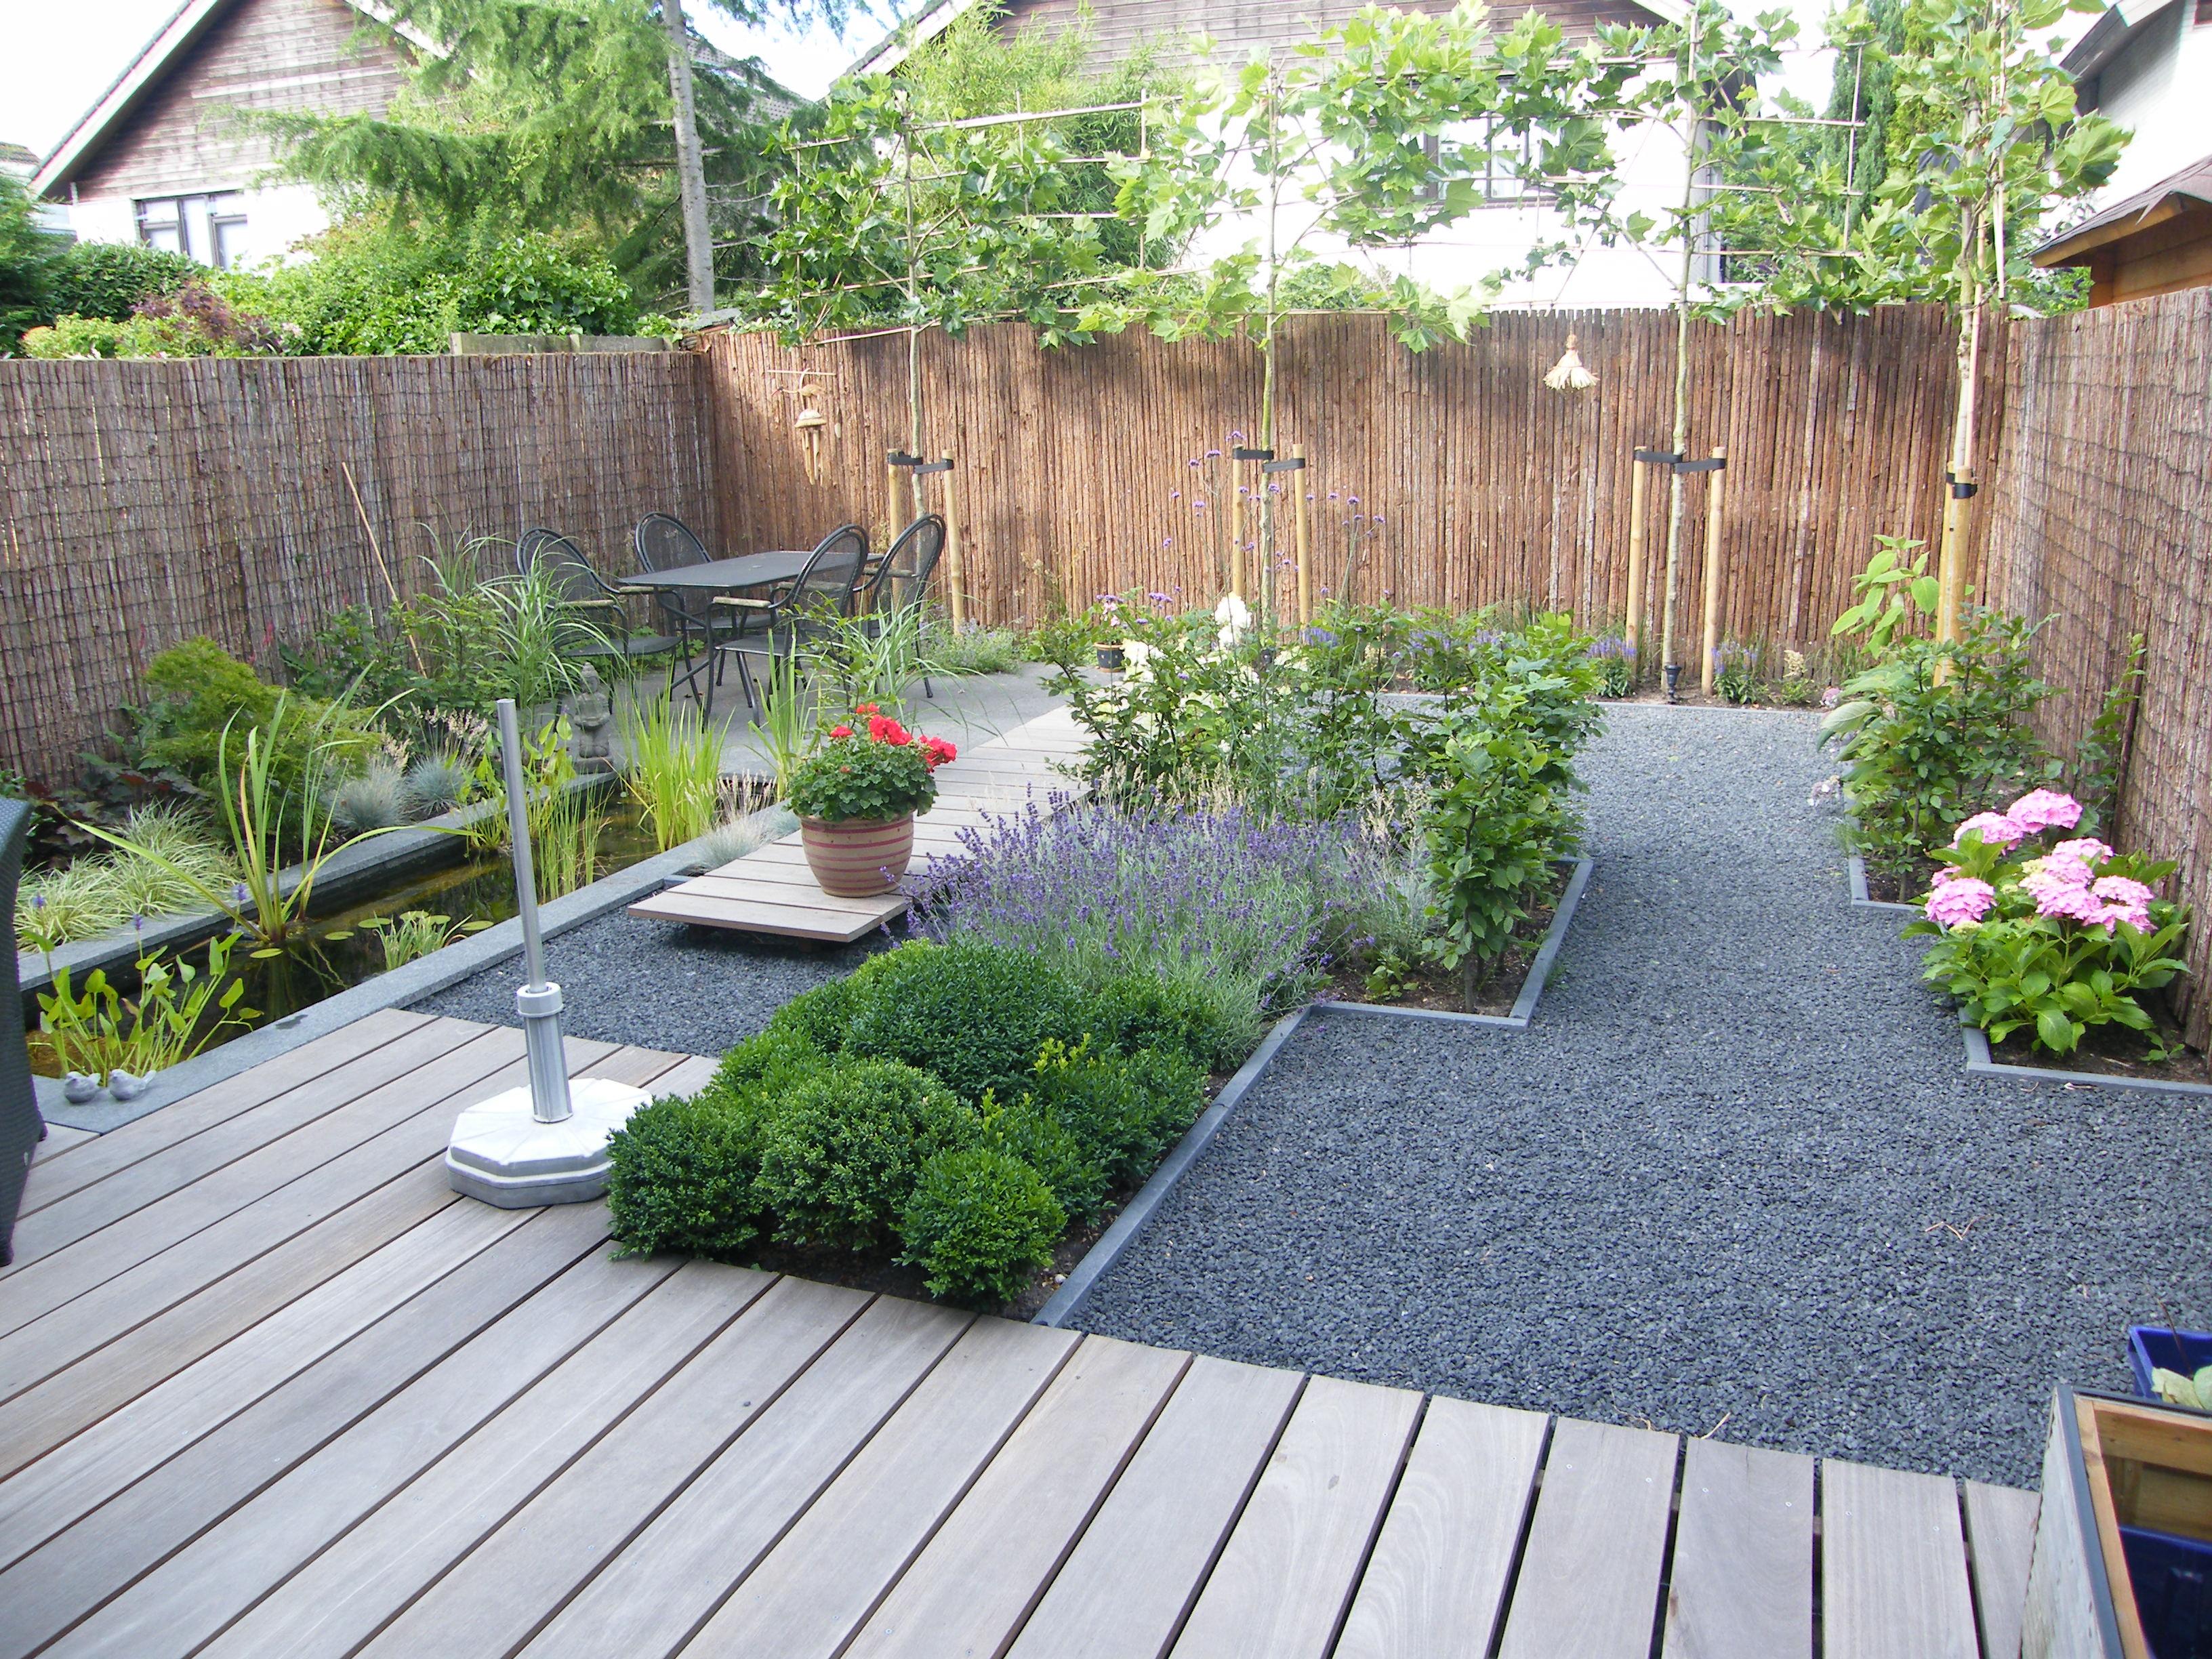 Projecten b g hoveniersb g hoveniers for Ideeen voor tuin